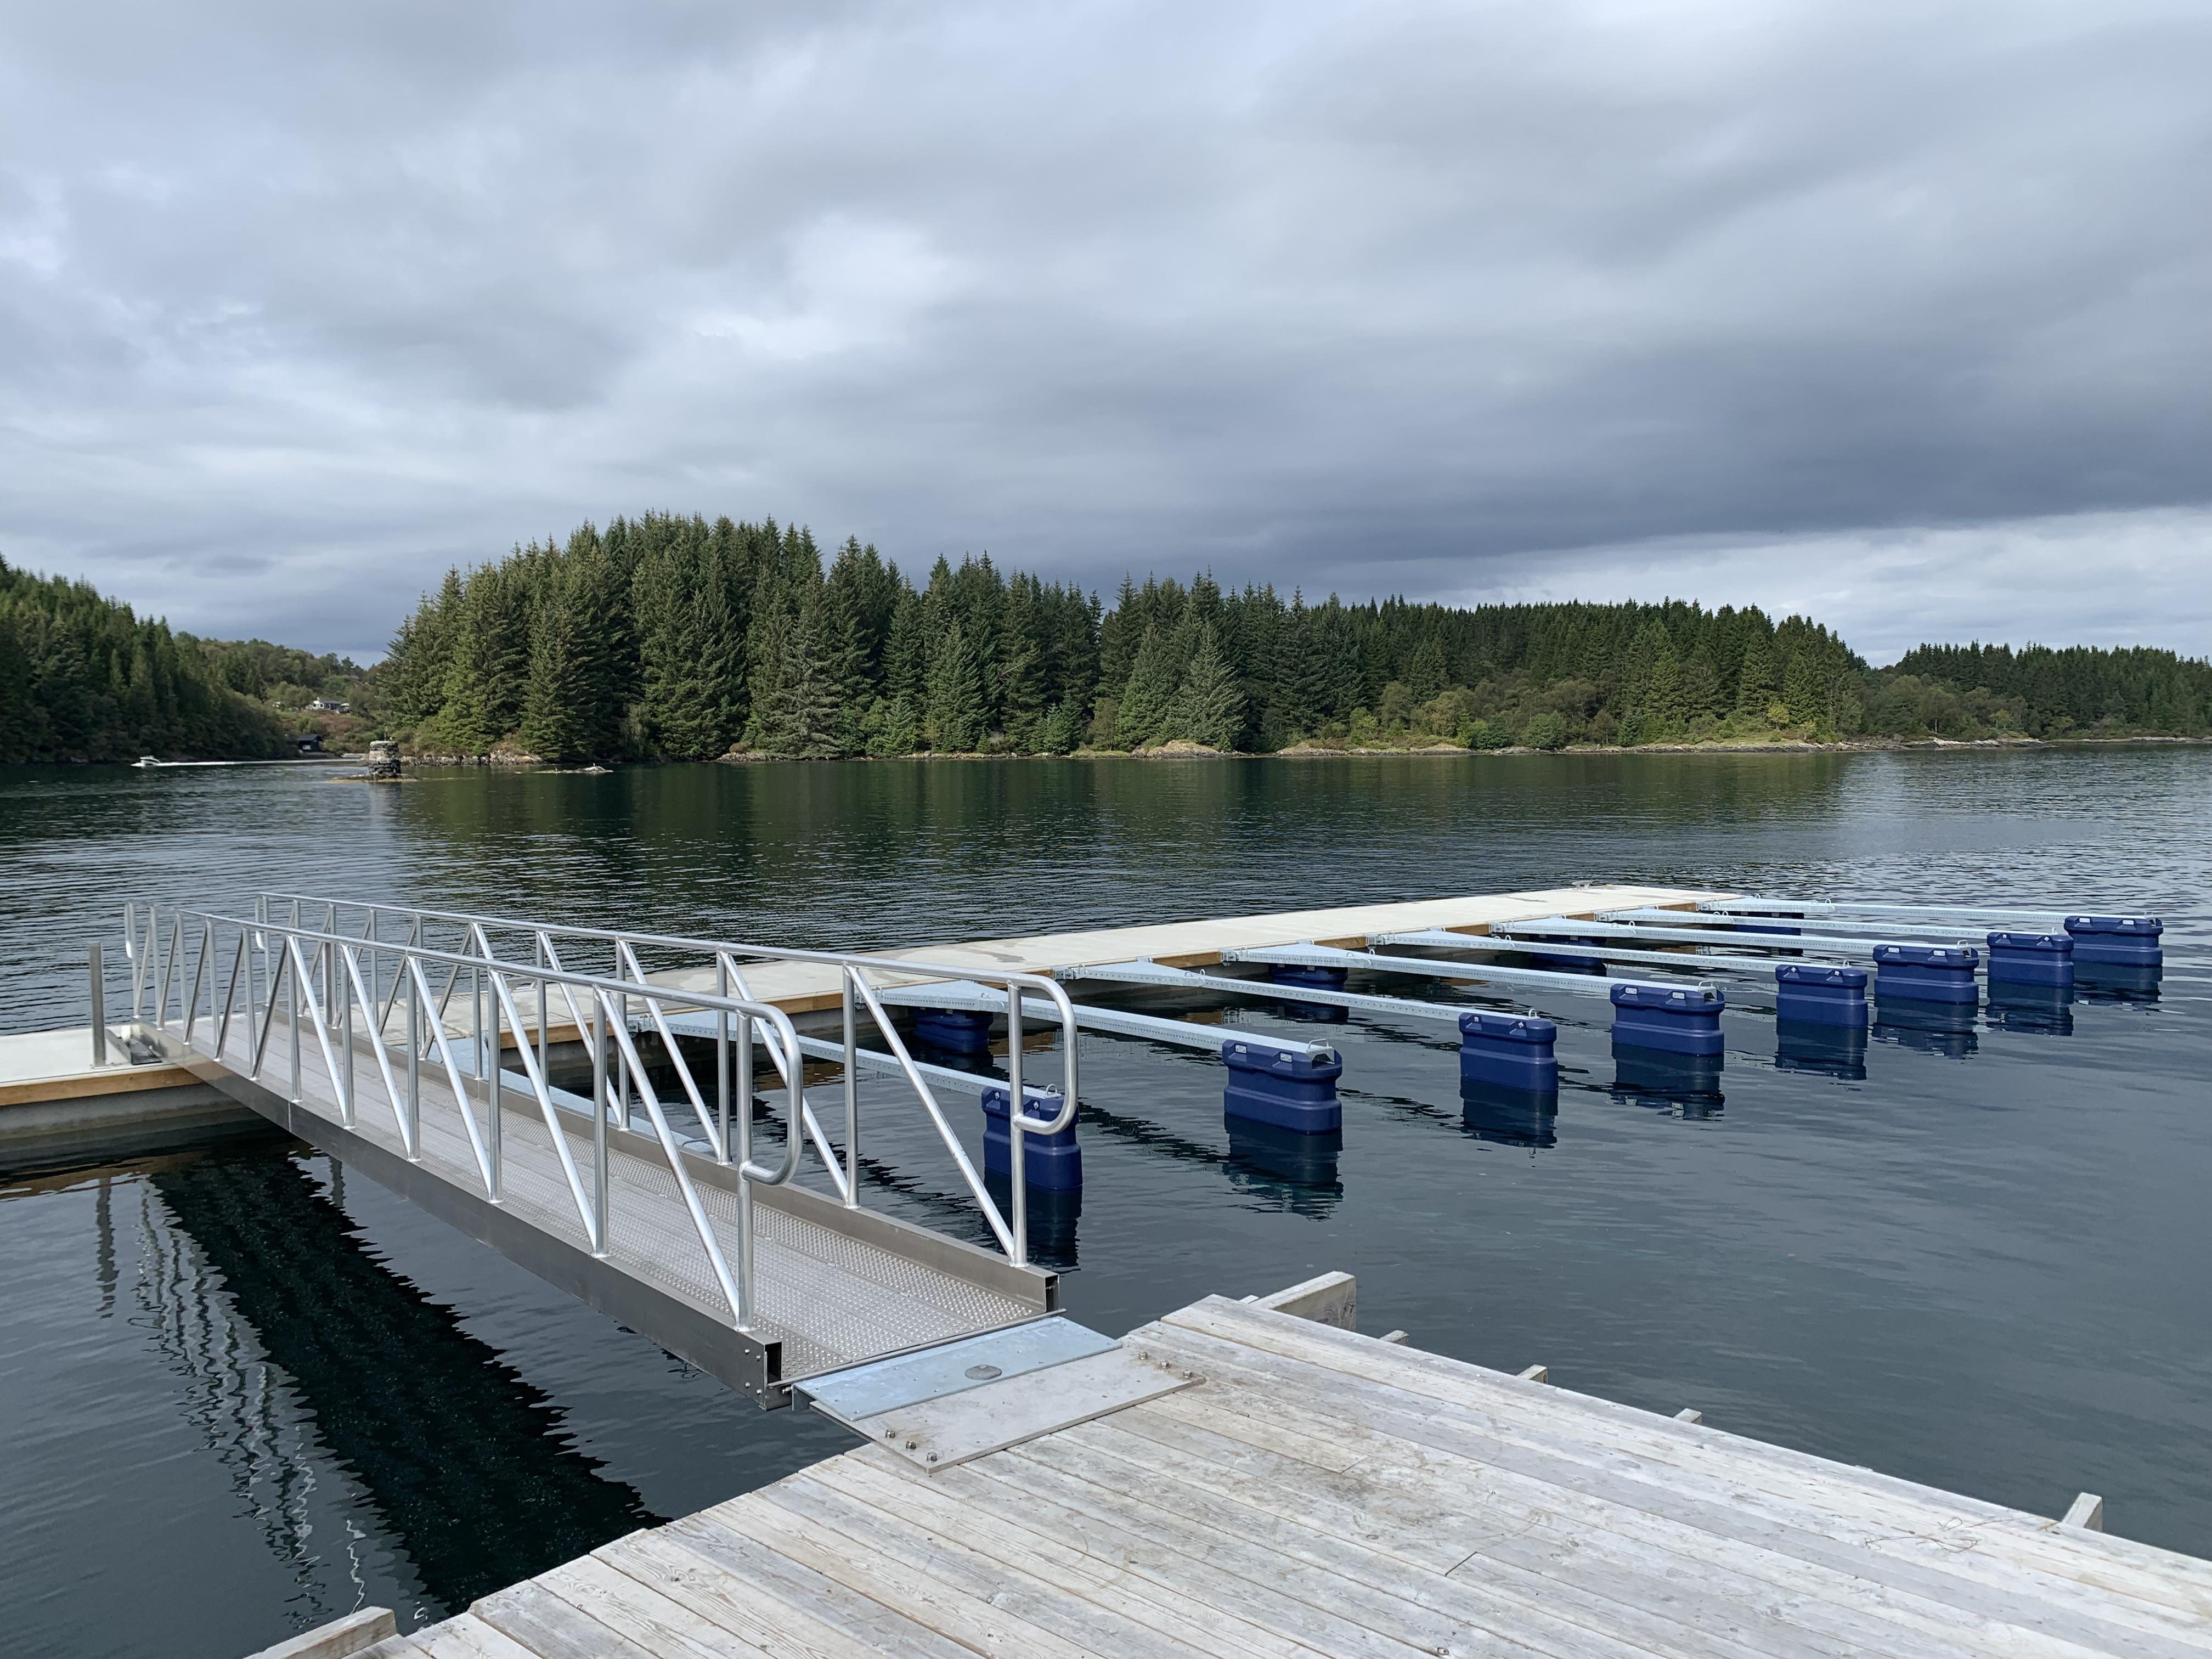 https://marinasolutions.no/uploads/Feste-Nærkjøp_ny-marina-betongbrygge_båtplasser.jpg